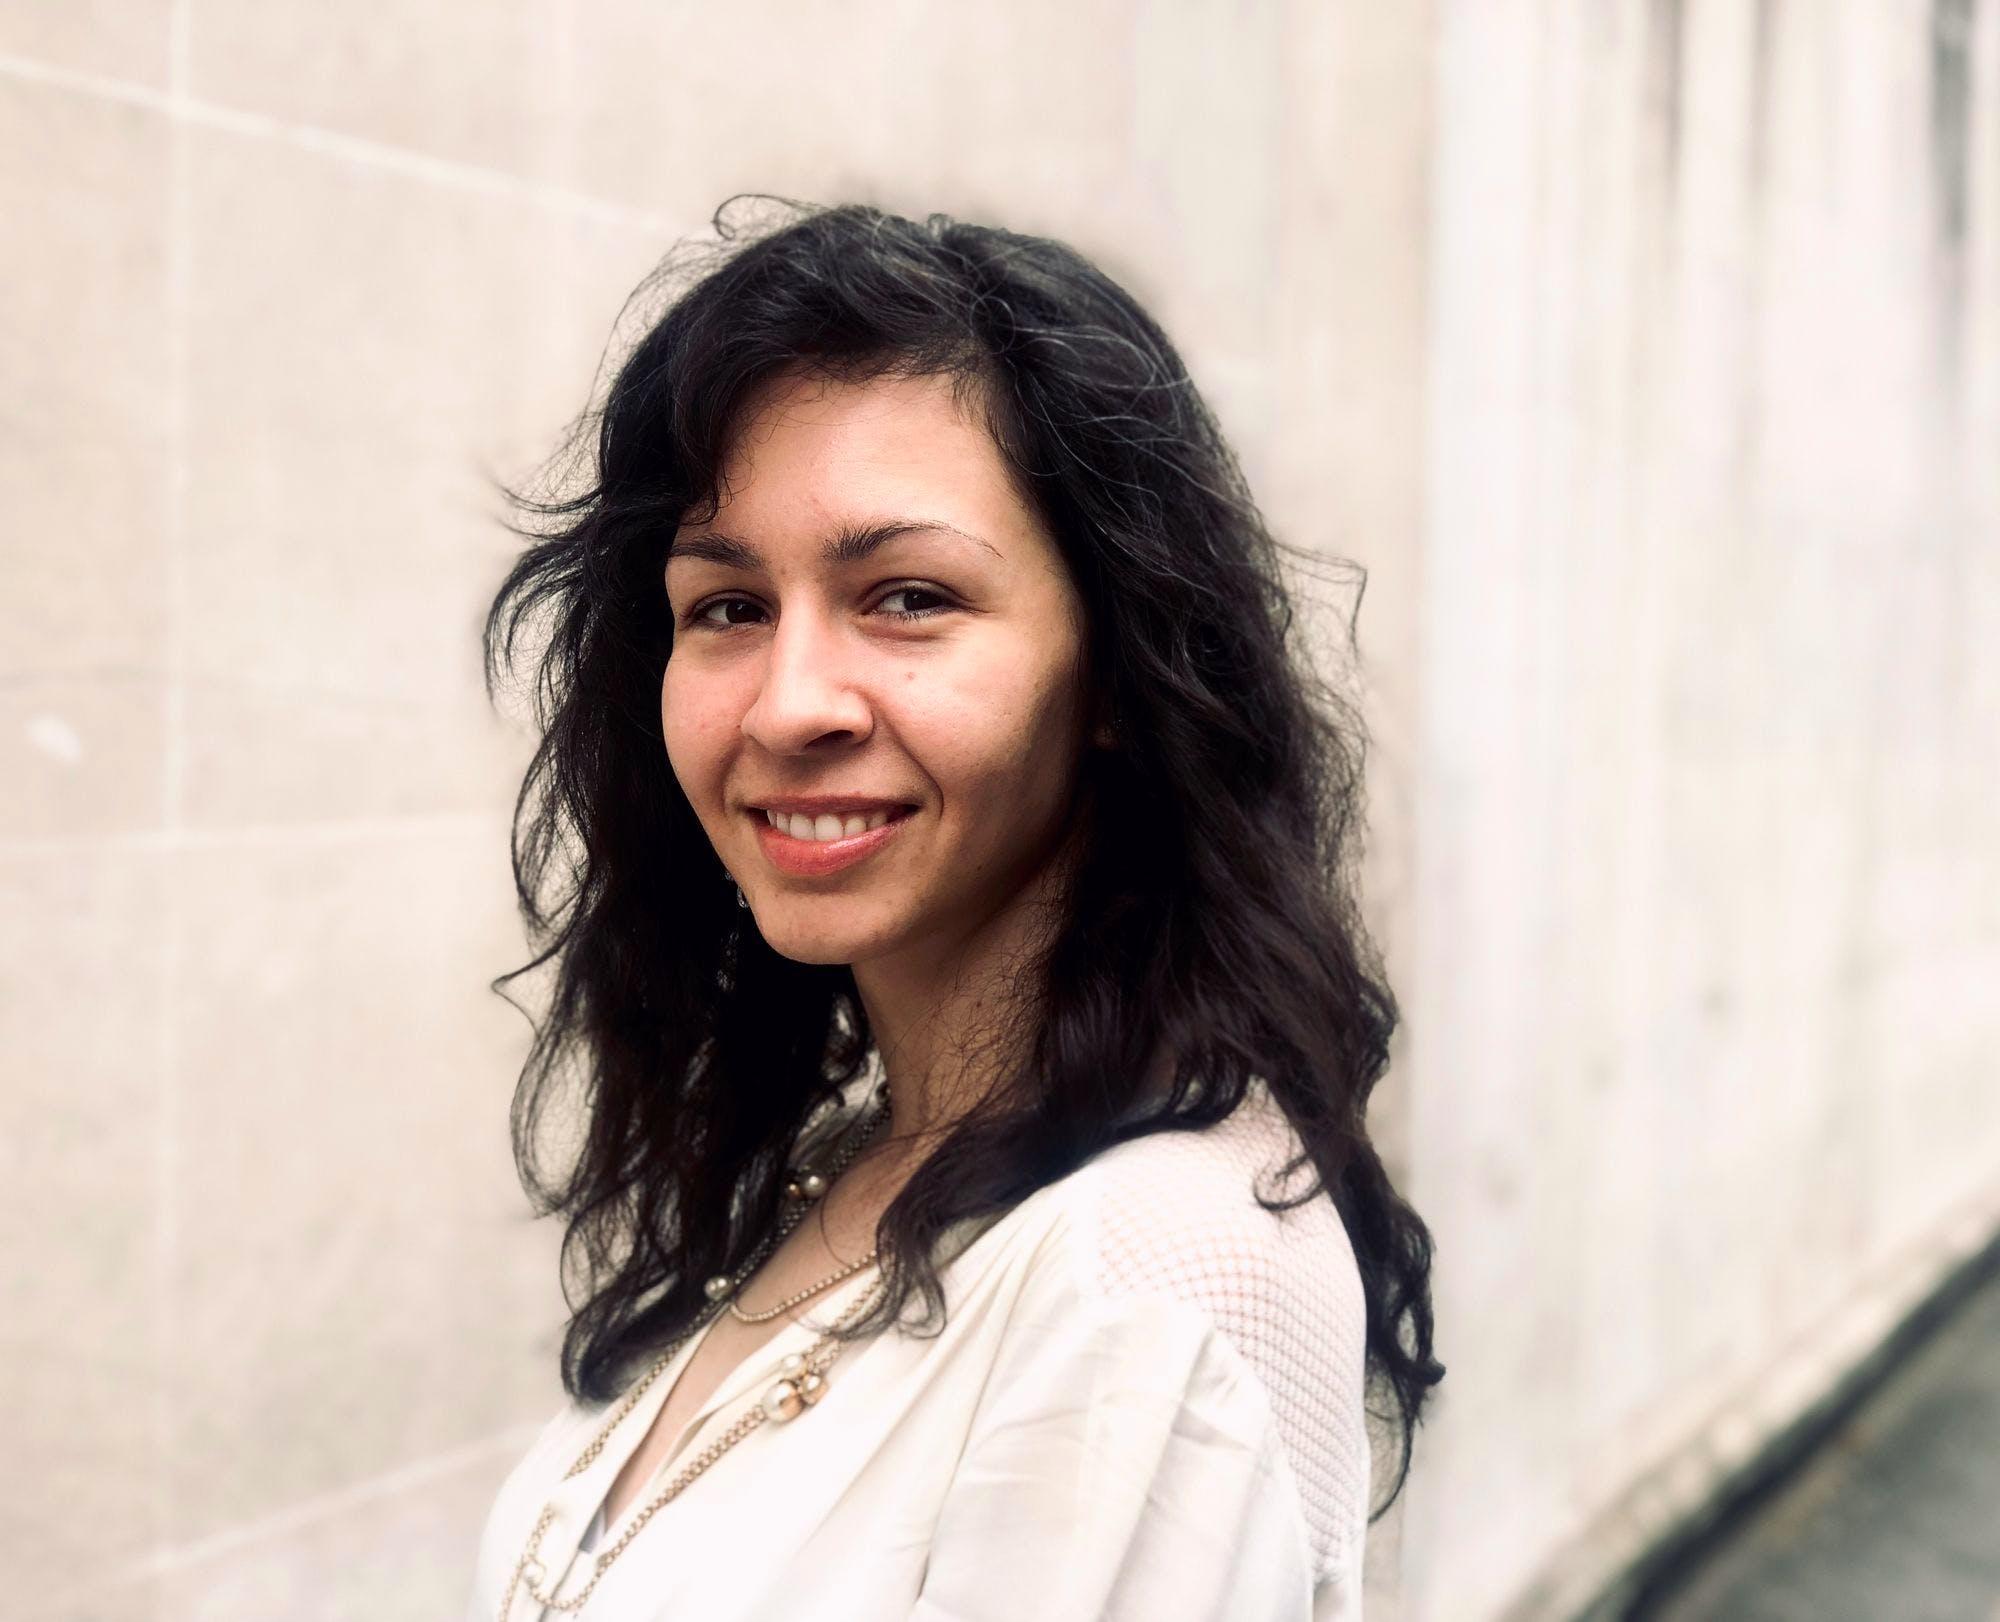 Meet our London Labs Team: Vessela Ignatova